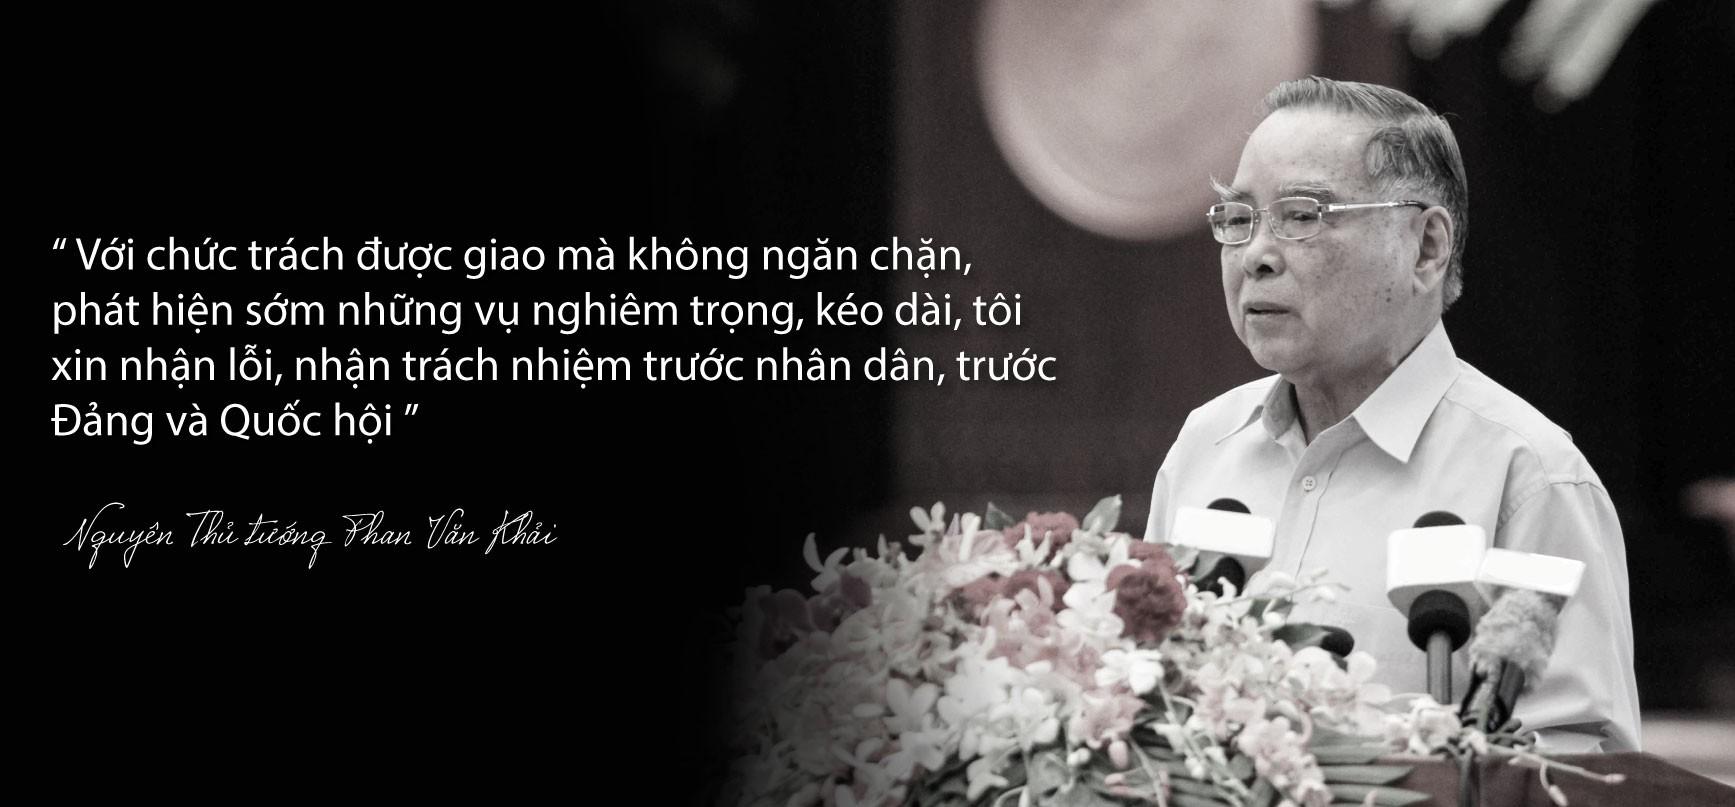 [e-Magazine] Sự nghiệp của nguyên Thủ tướng Phan Văn Khải - Ảnh 3.